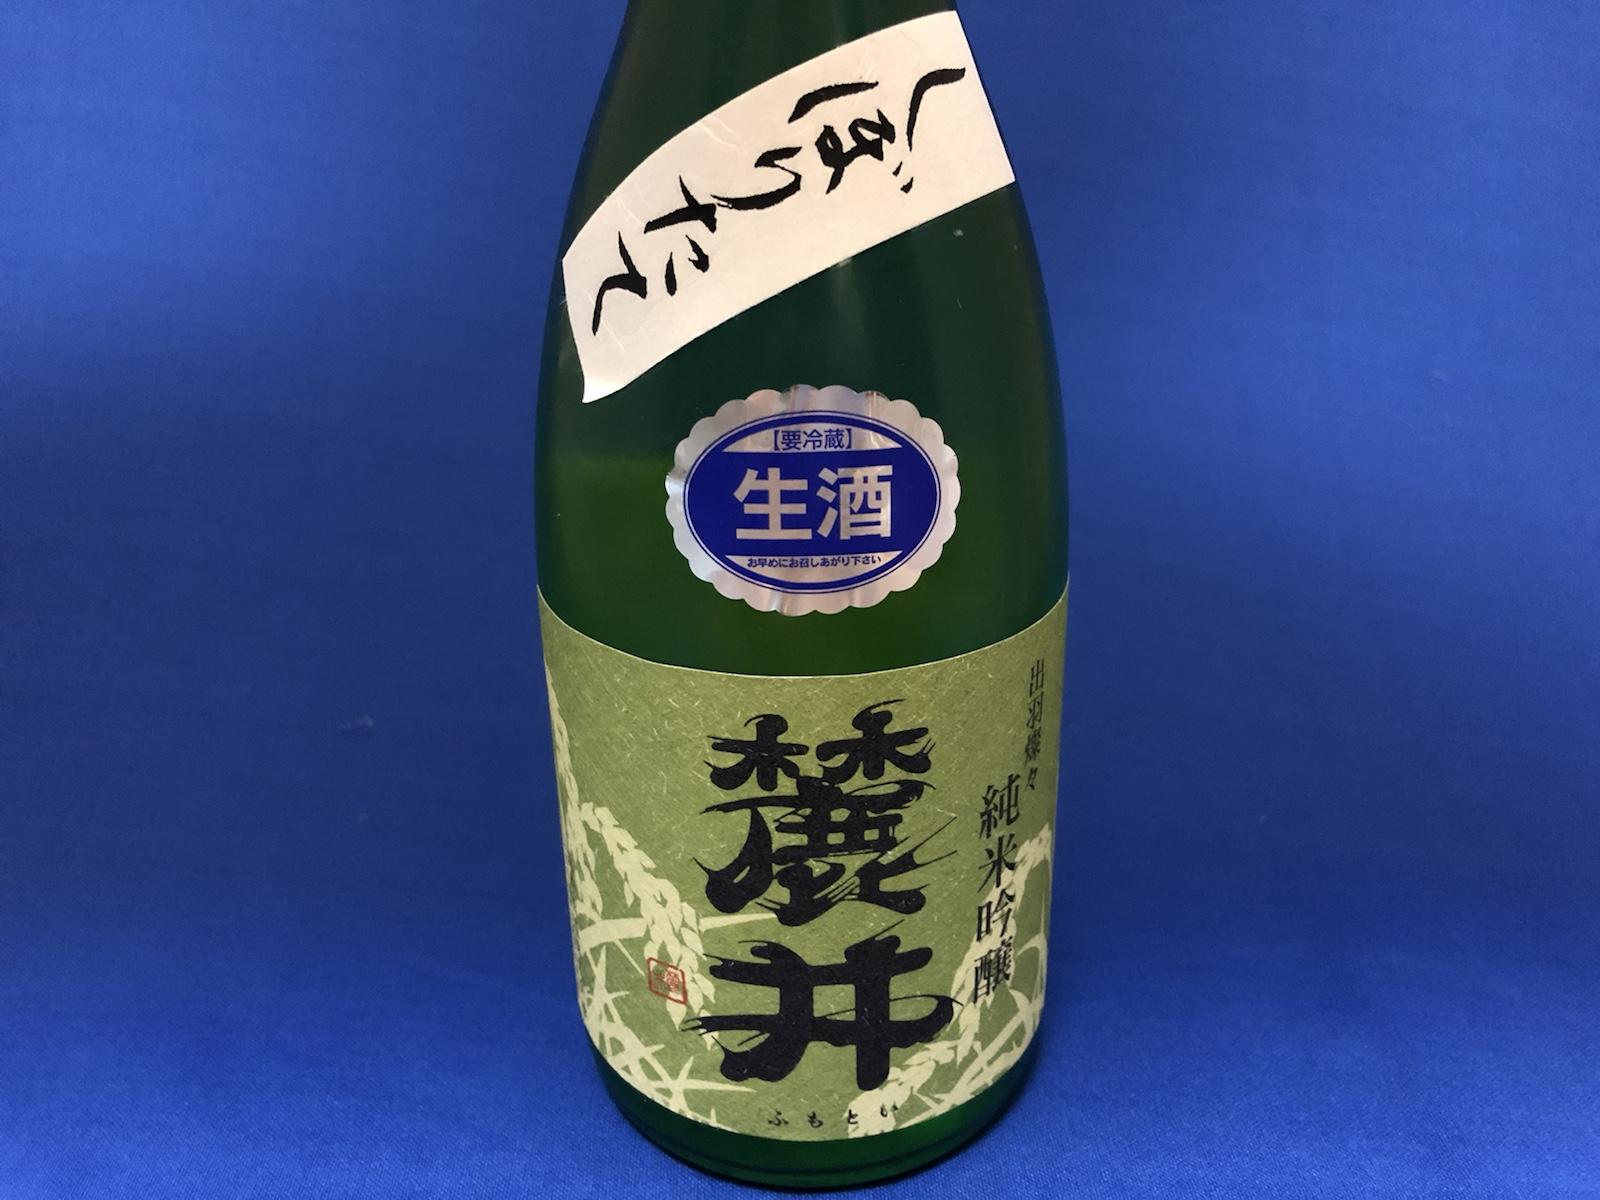 「麓井DEWA33」鳥海山の名水と酒米出羽燦々の美味と。